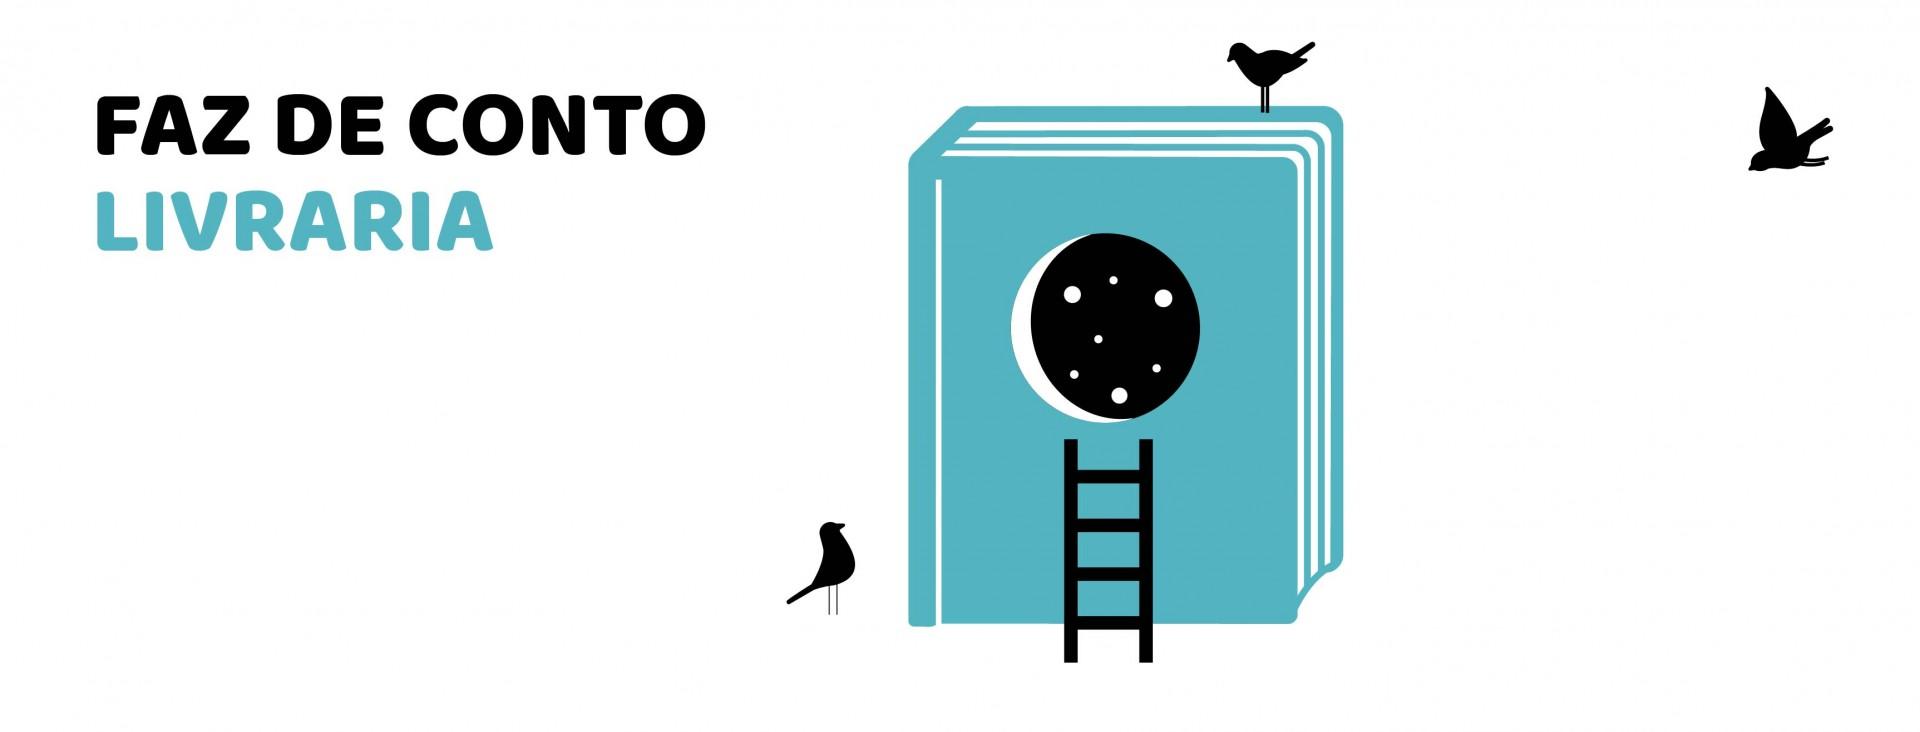 Faz de Conto Livraria